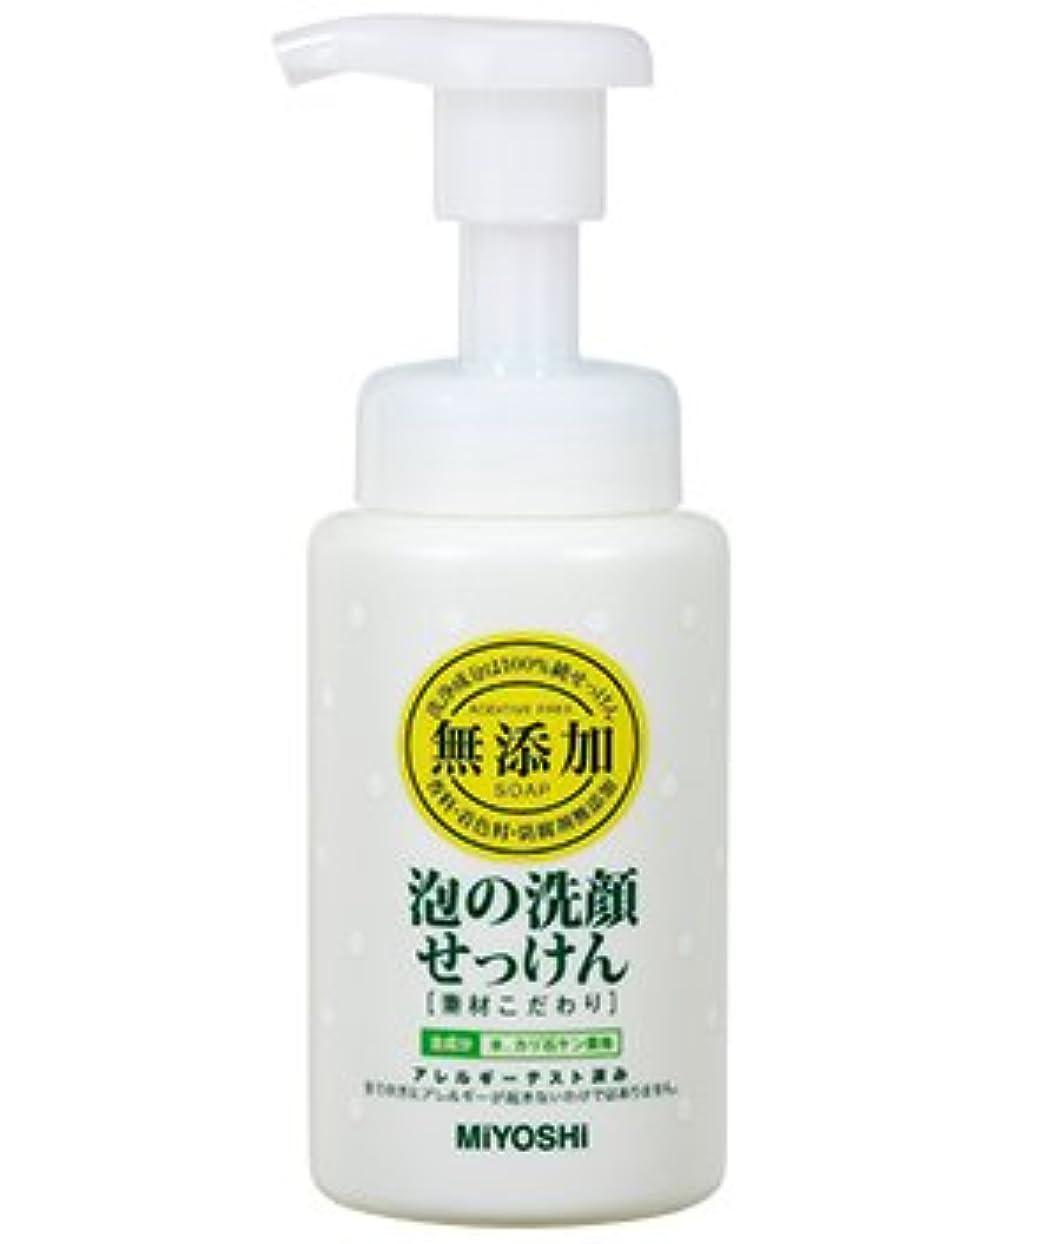 ミヨシ石鹸 無添加 泡の洗顔せっけん 200ml 合成界面活性剤はもちろん、香料、着色料、防腐剤などは一切加えていません×24点セット (4537130102022)